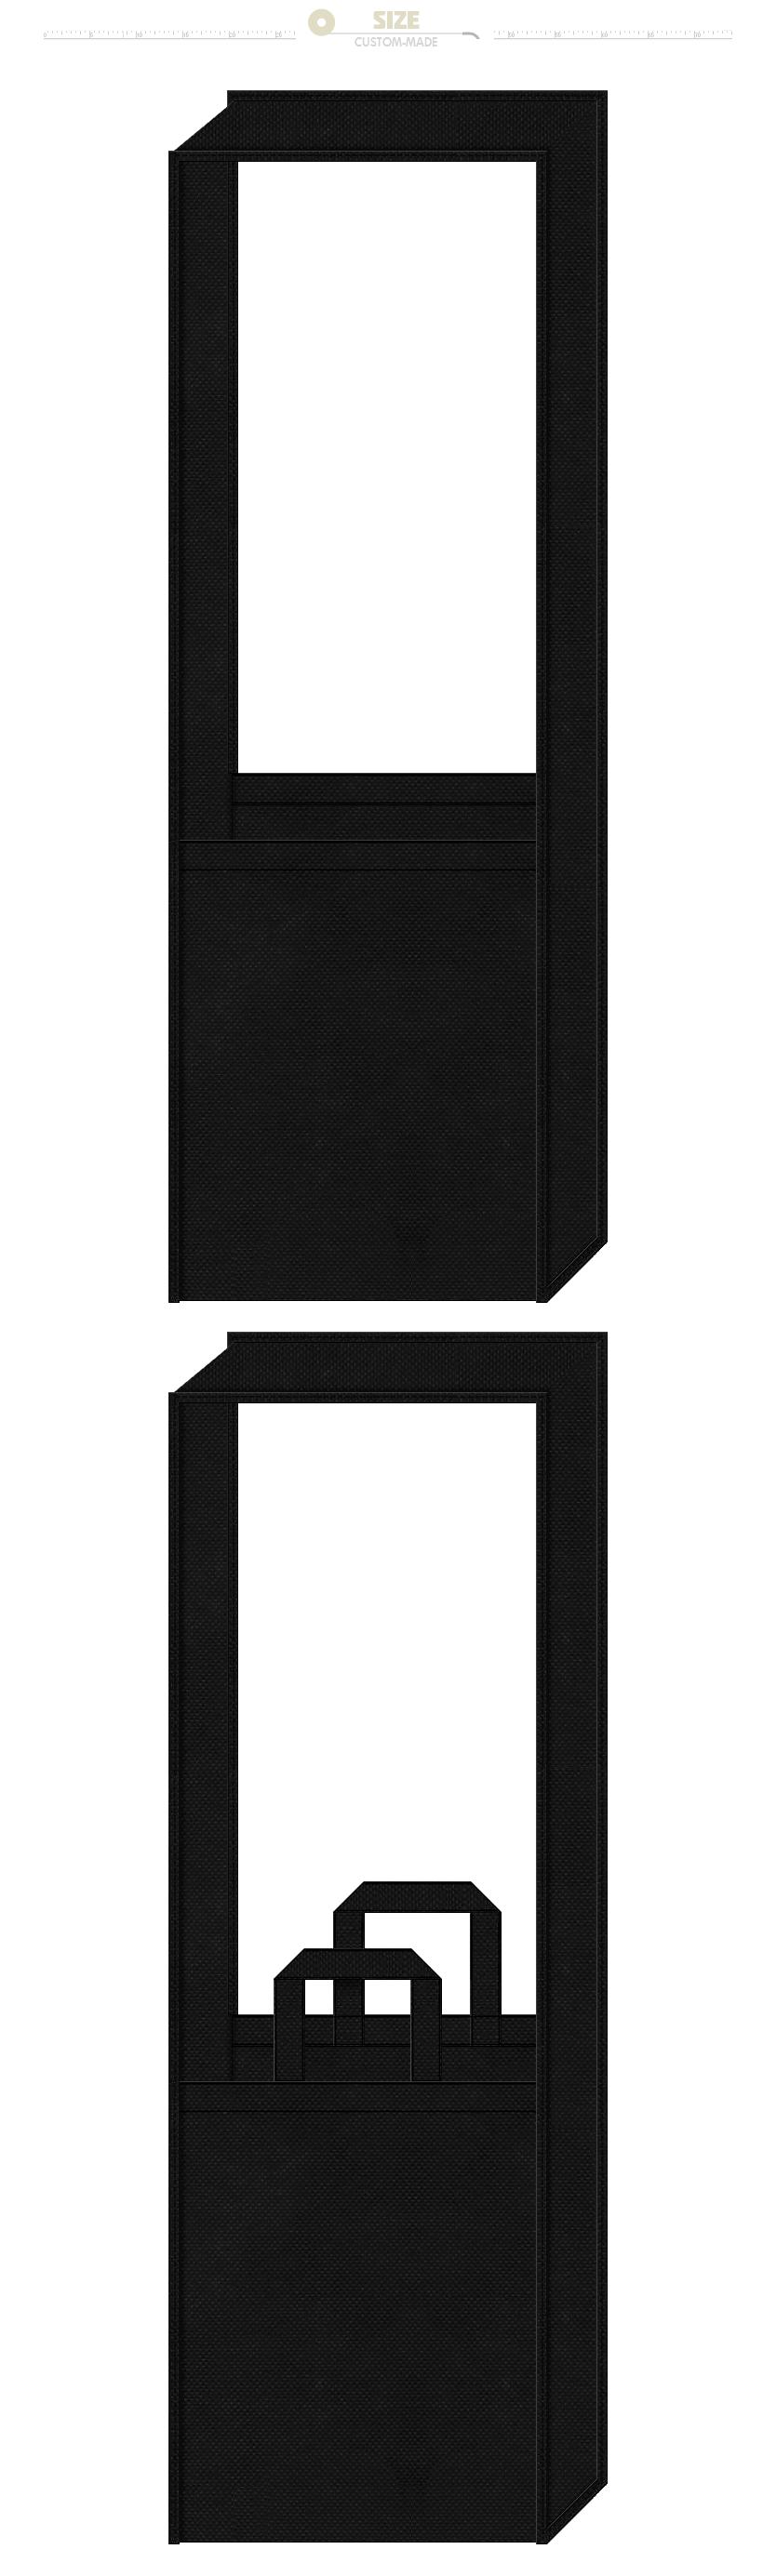 黒色の不織布ショルダーバッグ